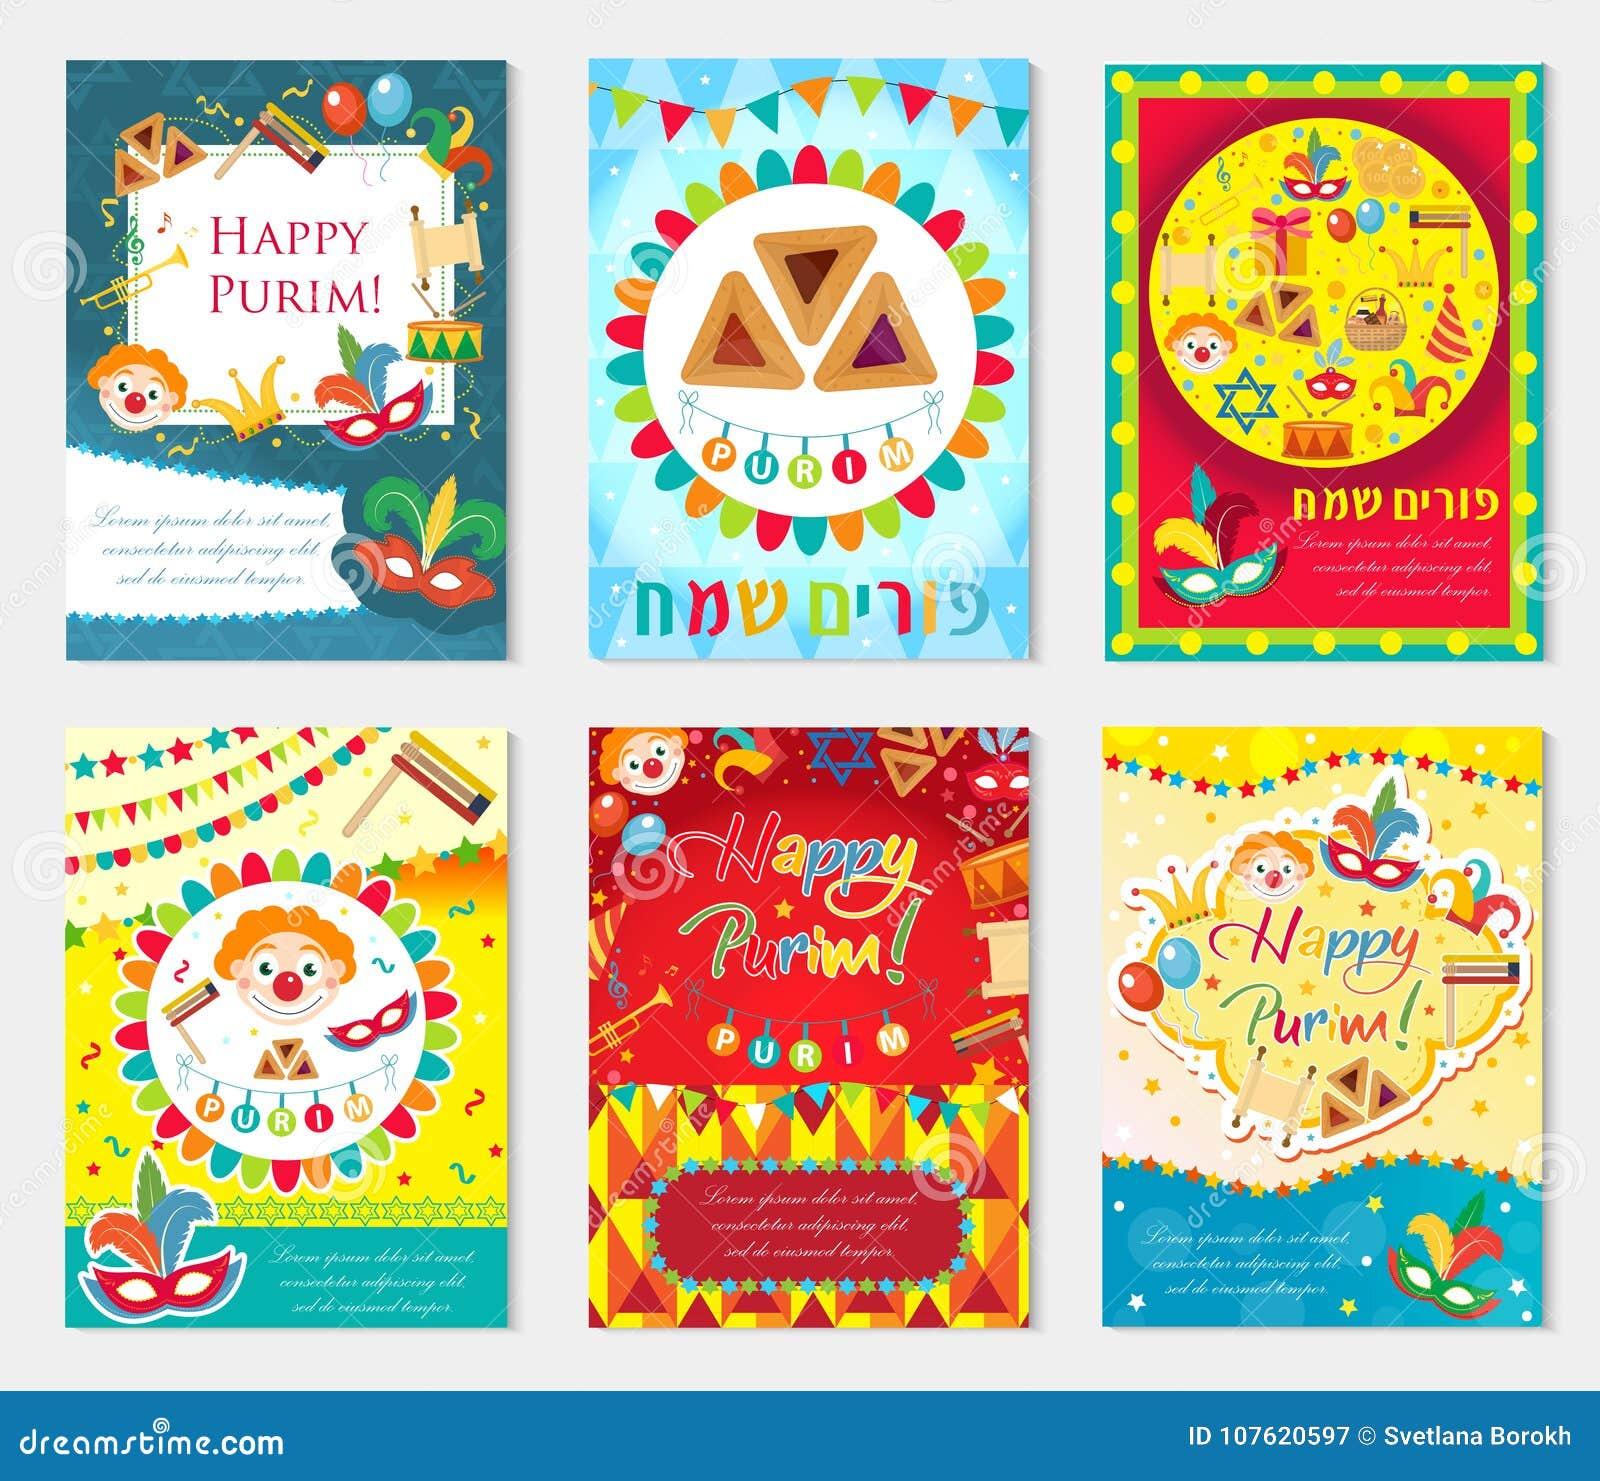 Gesetztes Plakat Purim-Karnevals, Einladung, Flieger Sammlung Schablonen für Ihr Design mit Maske, hamantaschen, blödeln herum